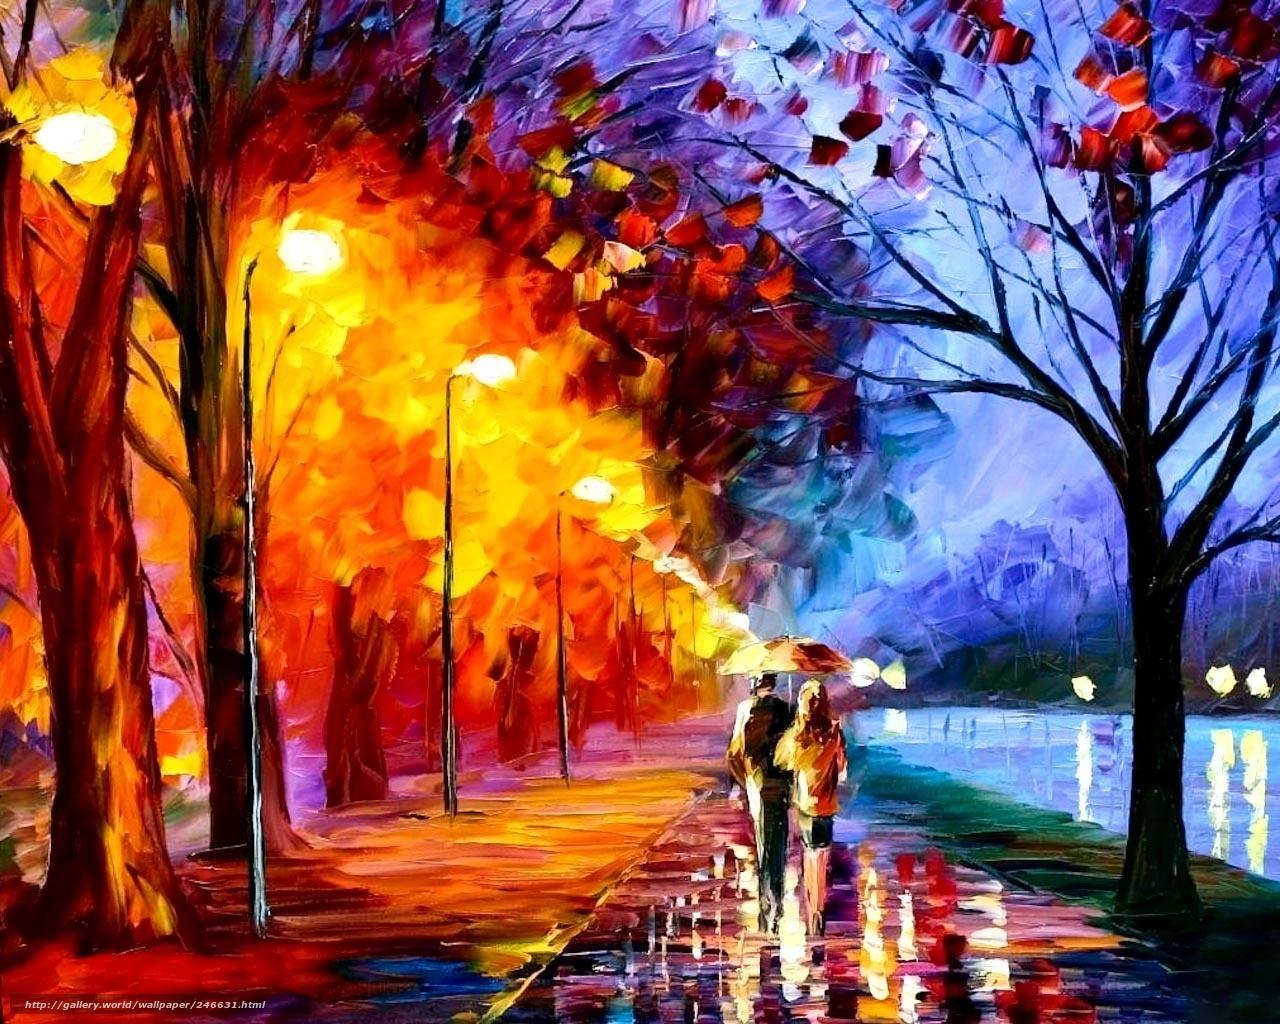 Scaricare gli sfondi pittura a olio autunno luminoso for Immagini autunno hd